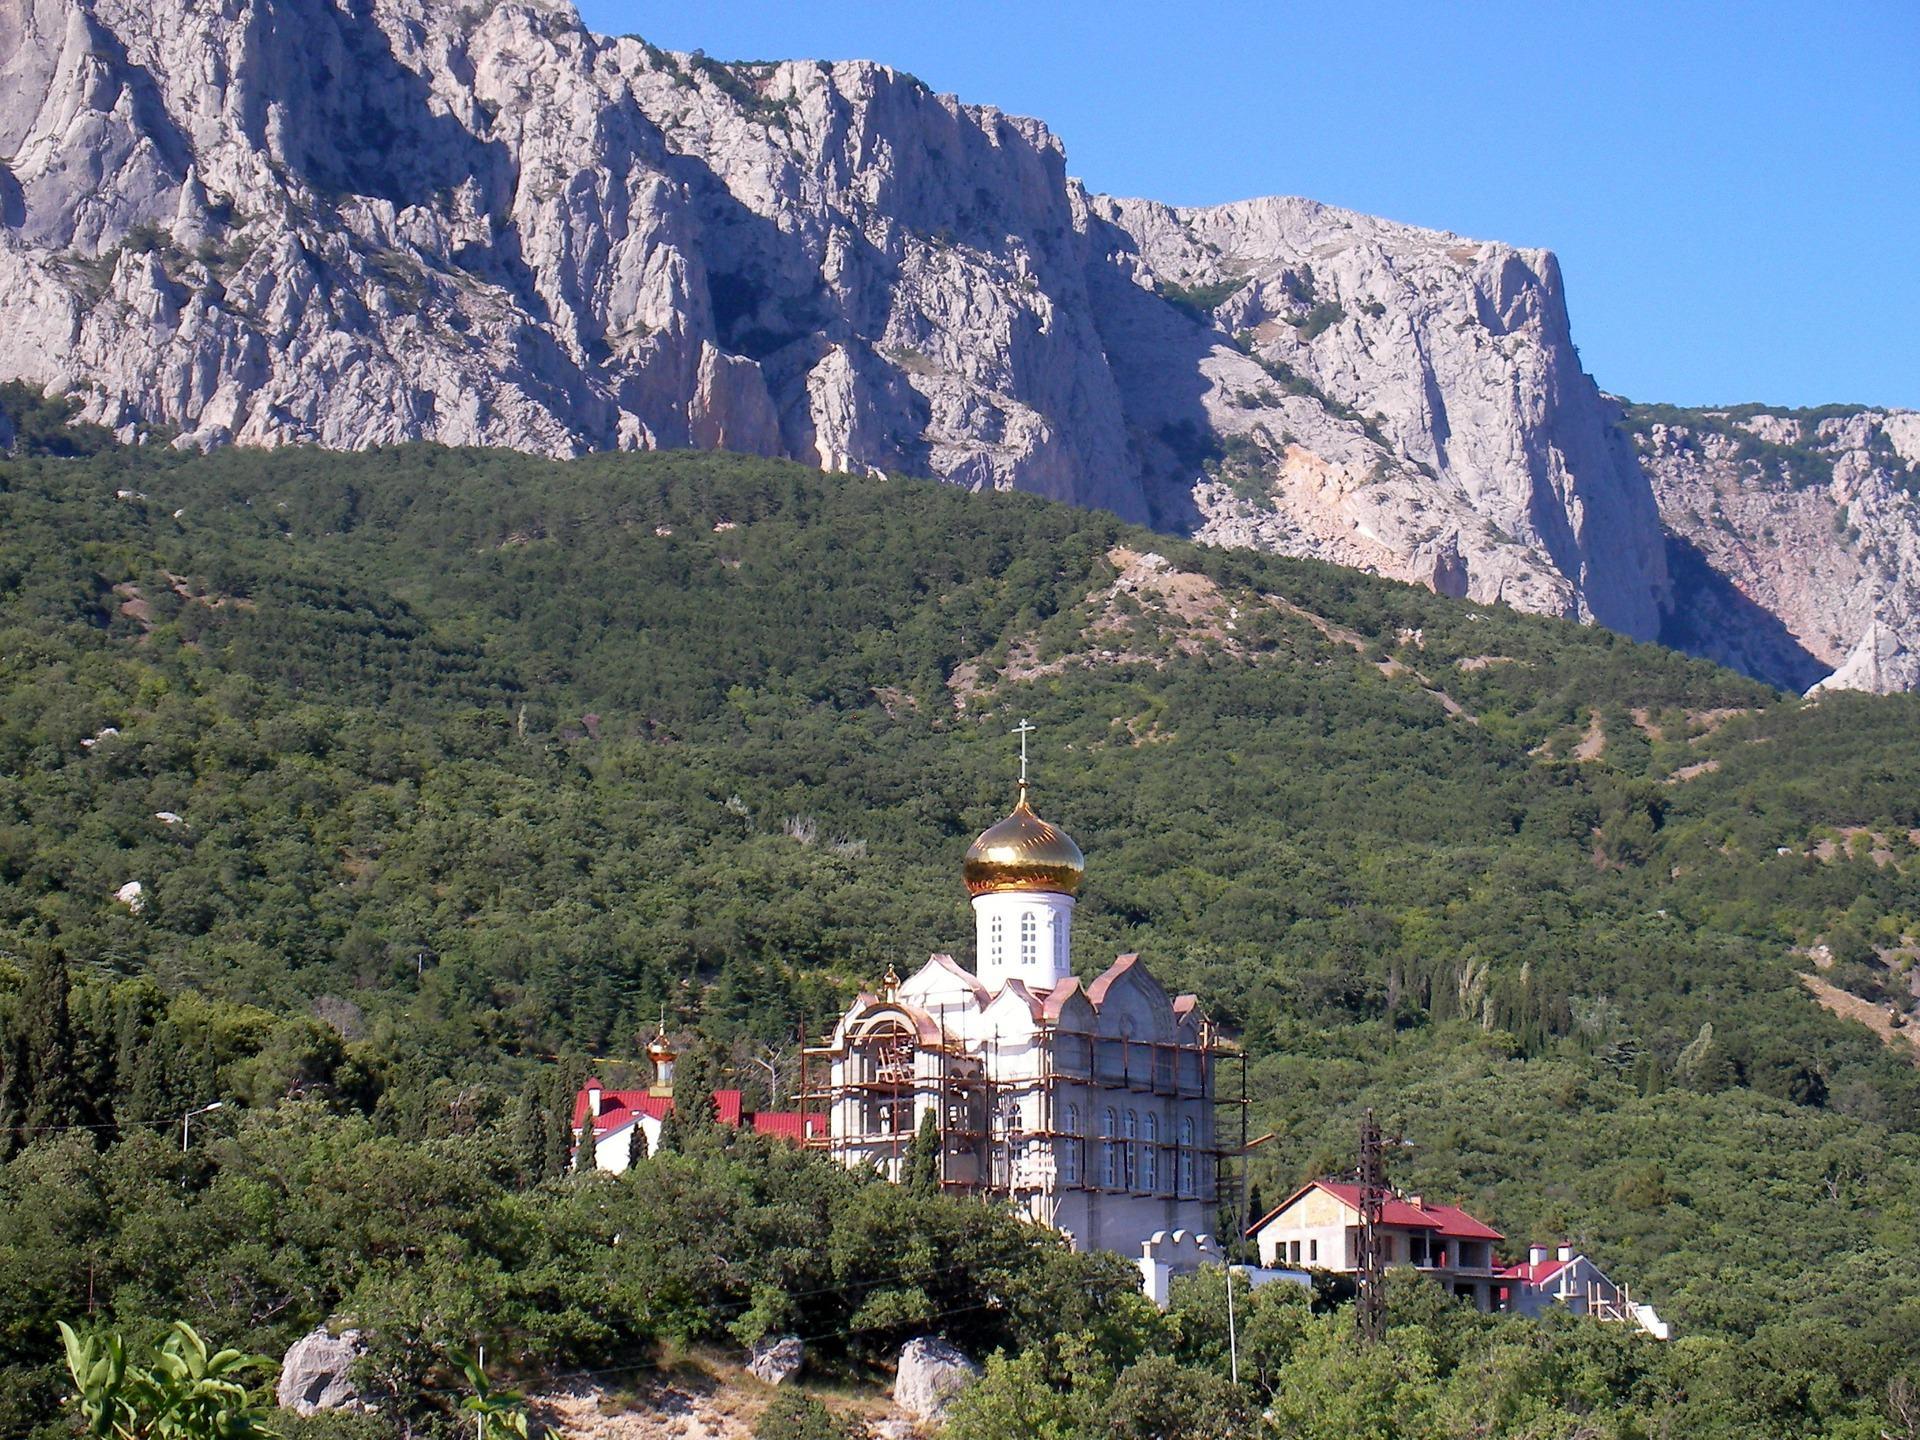 Baznīca Kazaņas ikonas Dievmātes kalnos fonā Kastropol Baidaro-Kastropol sienas Krimā